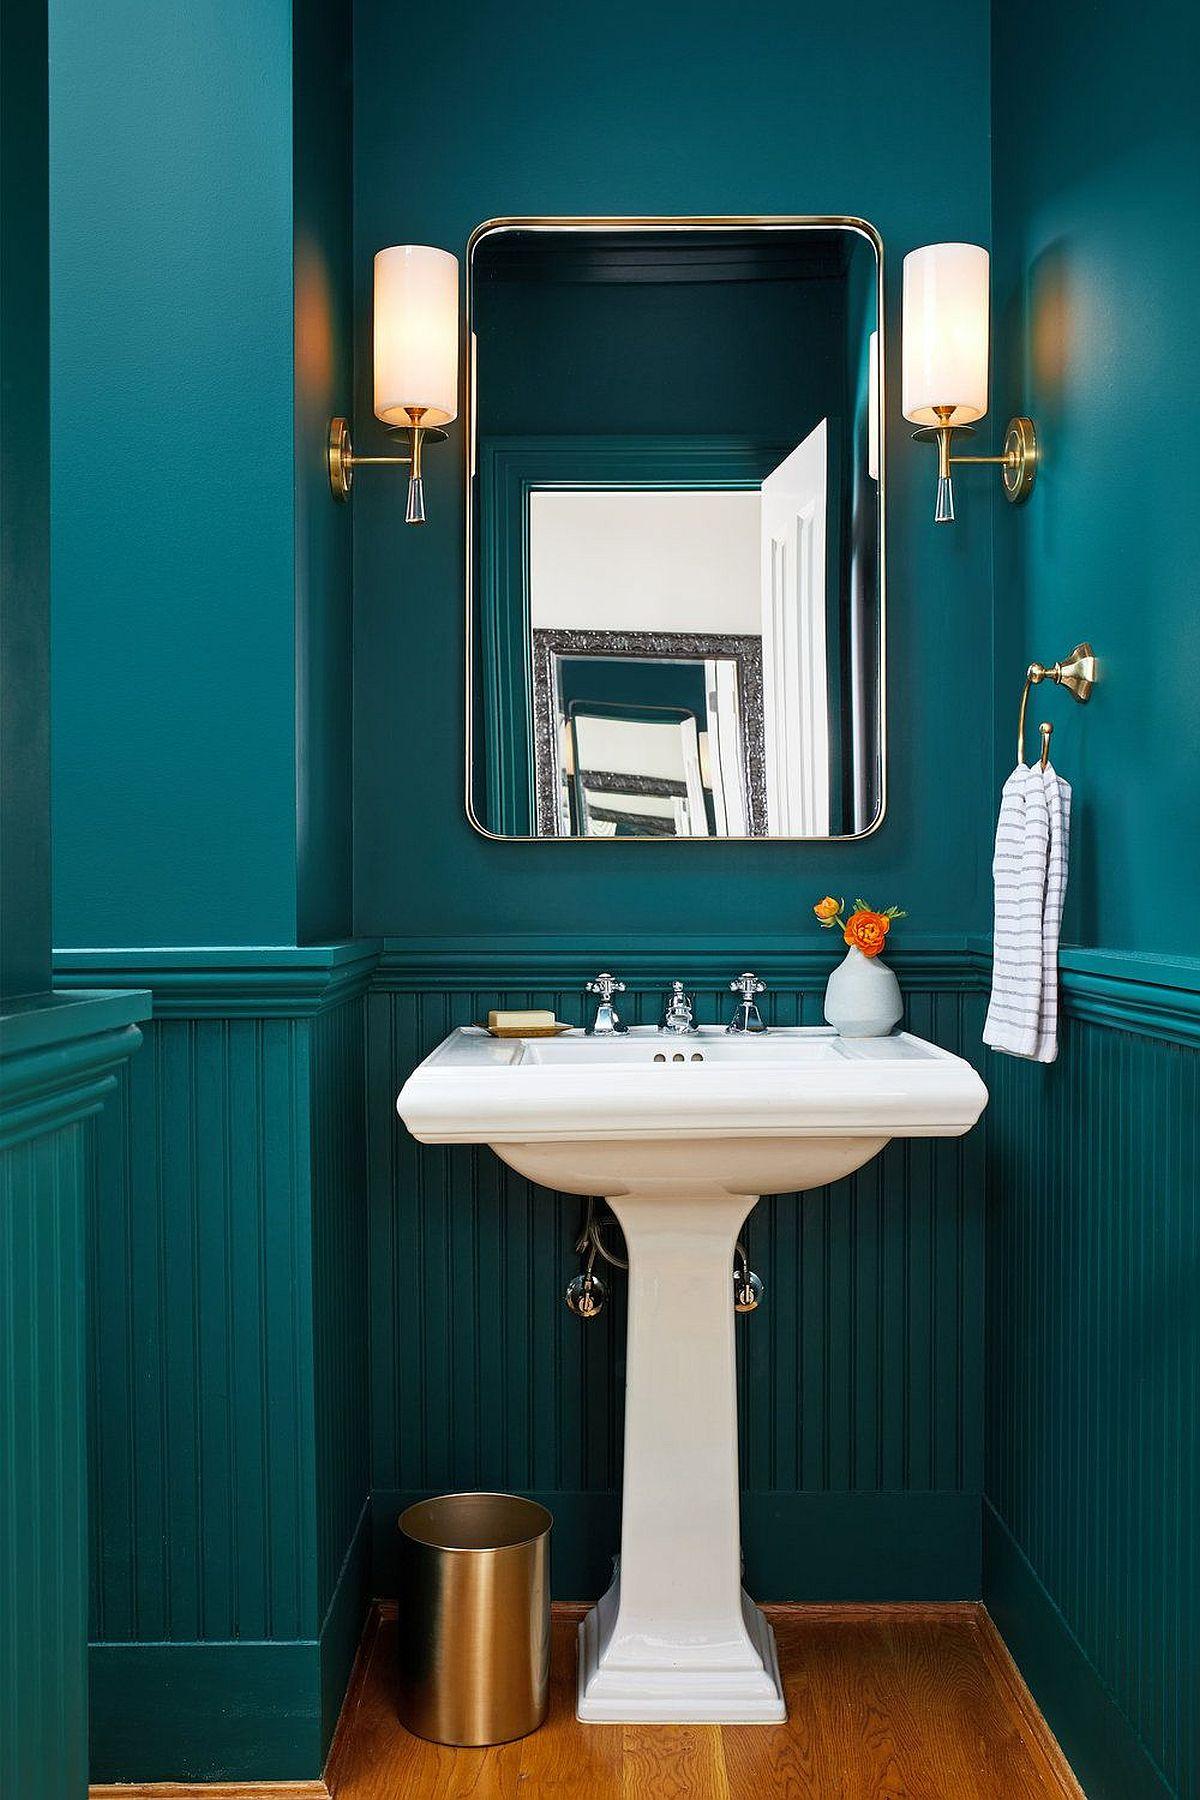 Phòng tắm màu xanh mòng két hiện đại tuyệt đẹp tạo cảm giác hoàn hảo như bức tranh